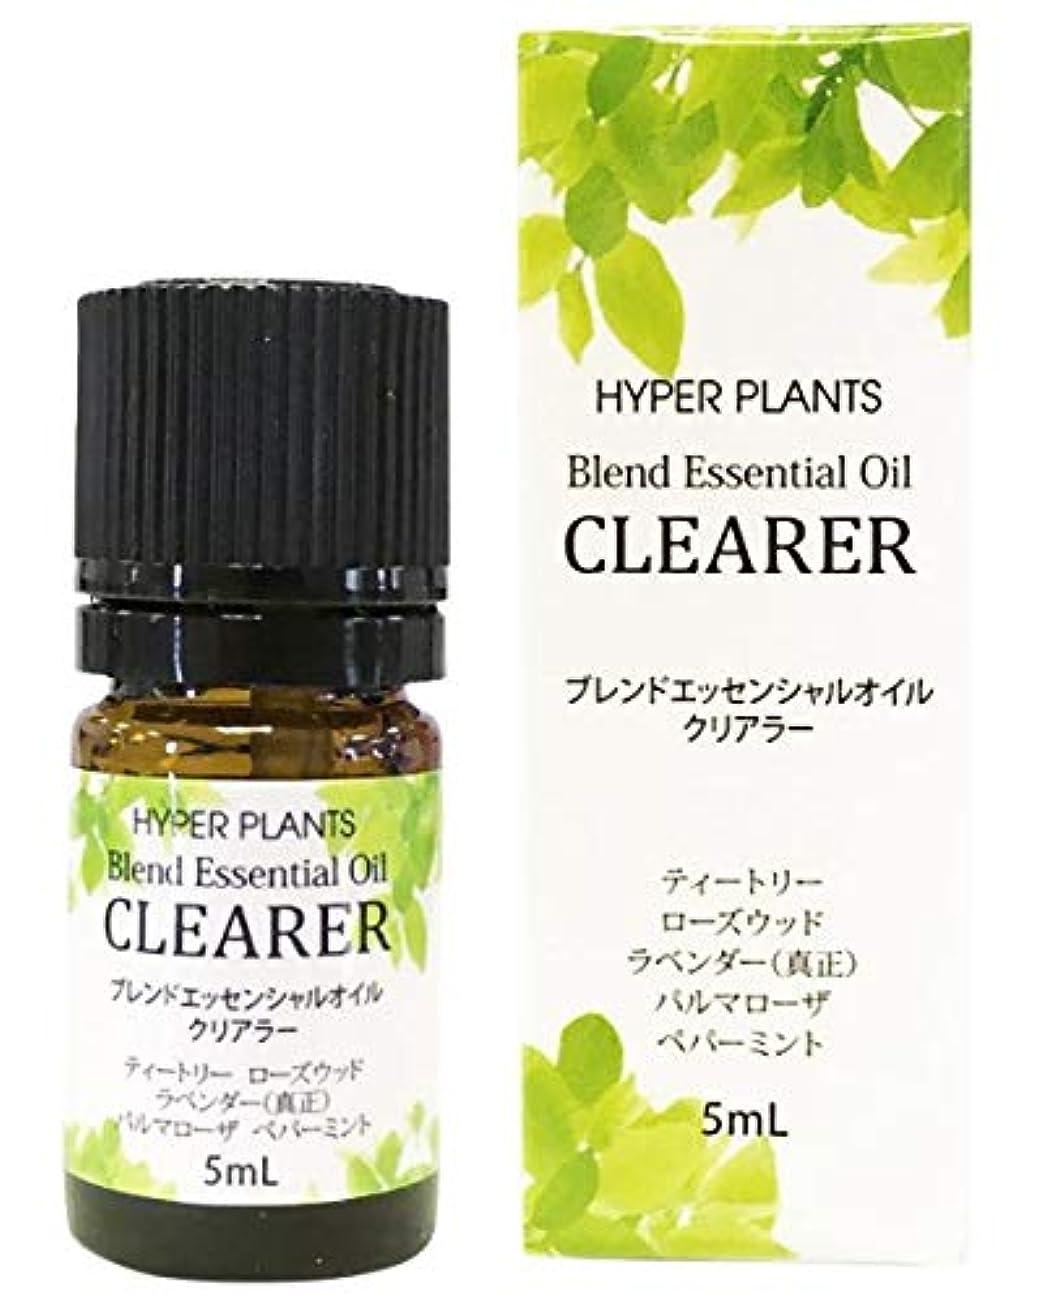 手段と遊ぶ科学者HYPER PLANTS ハイパープランツ ブレンドエッセンシャルオイル クリアラー 5ml